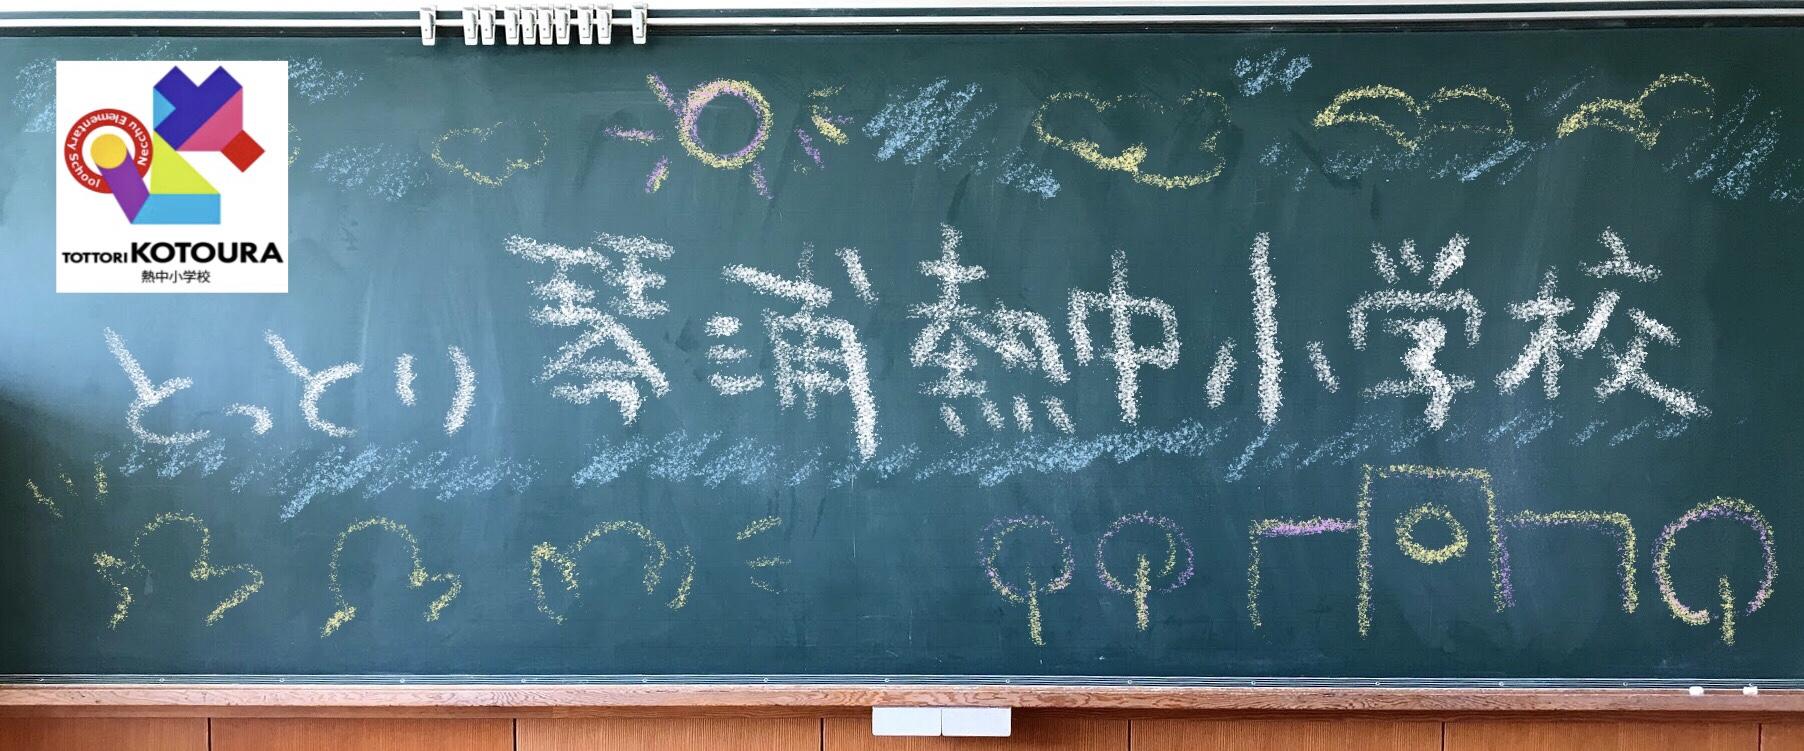 とっとり琴浦熱中小学校